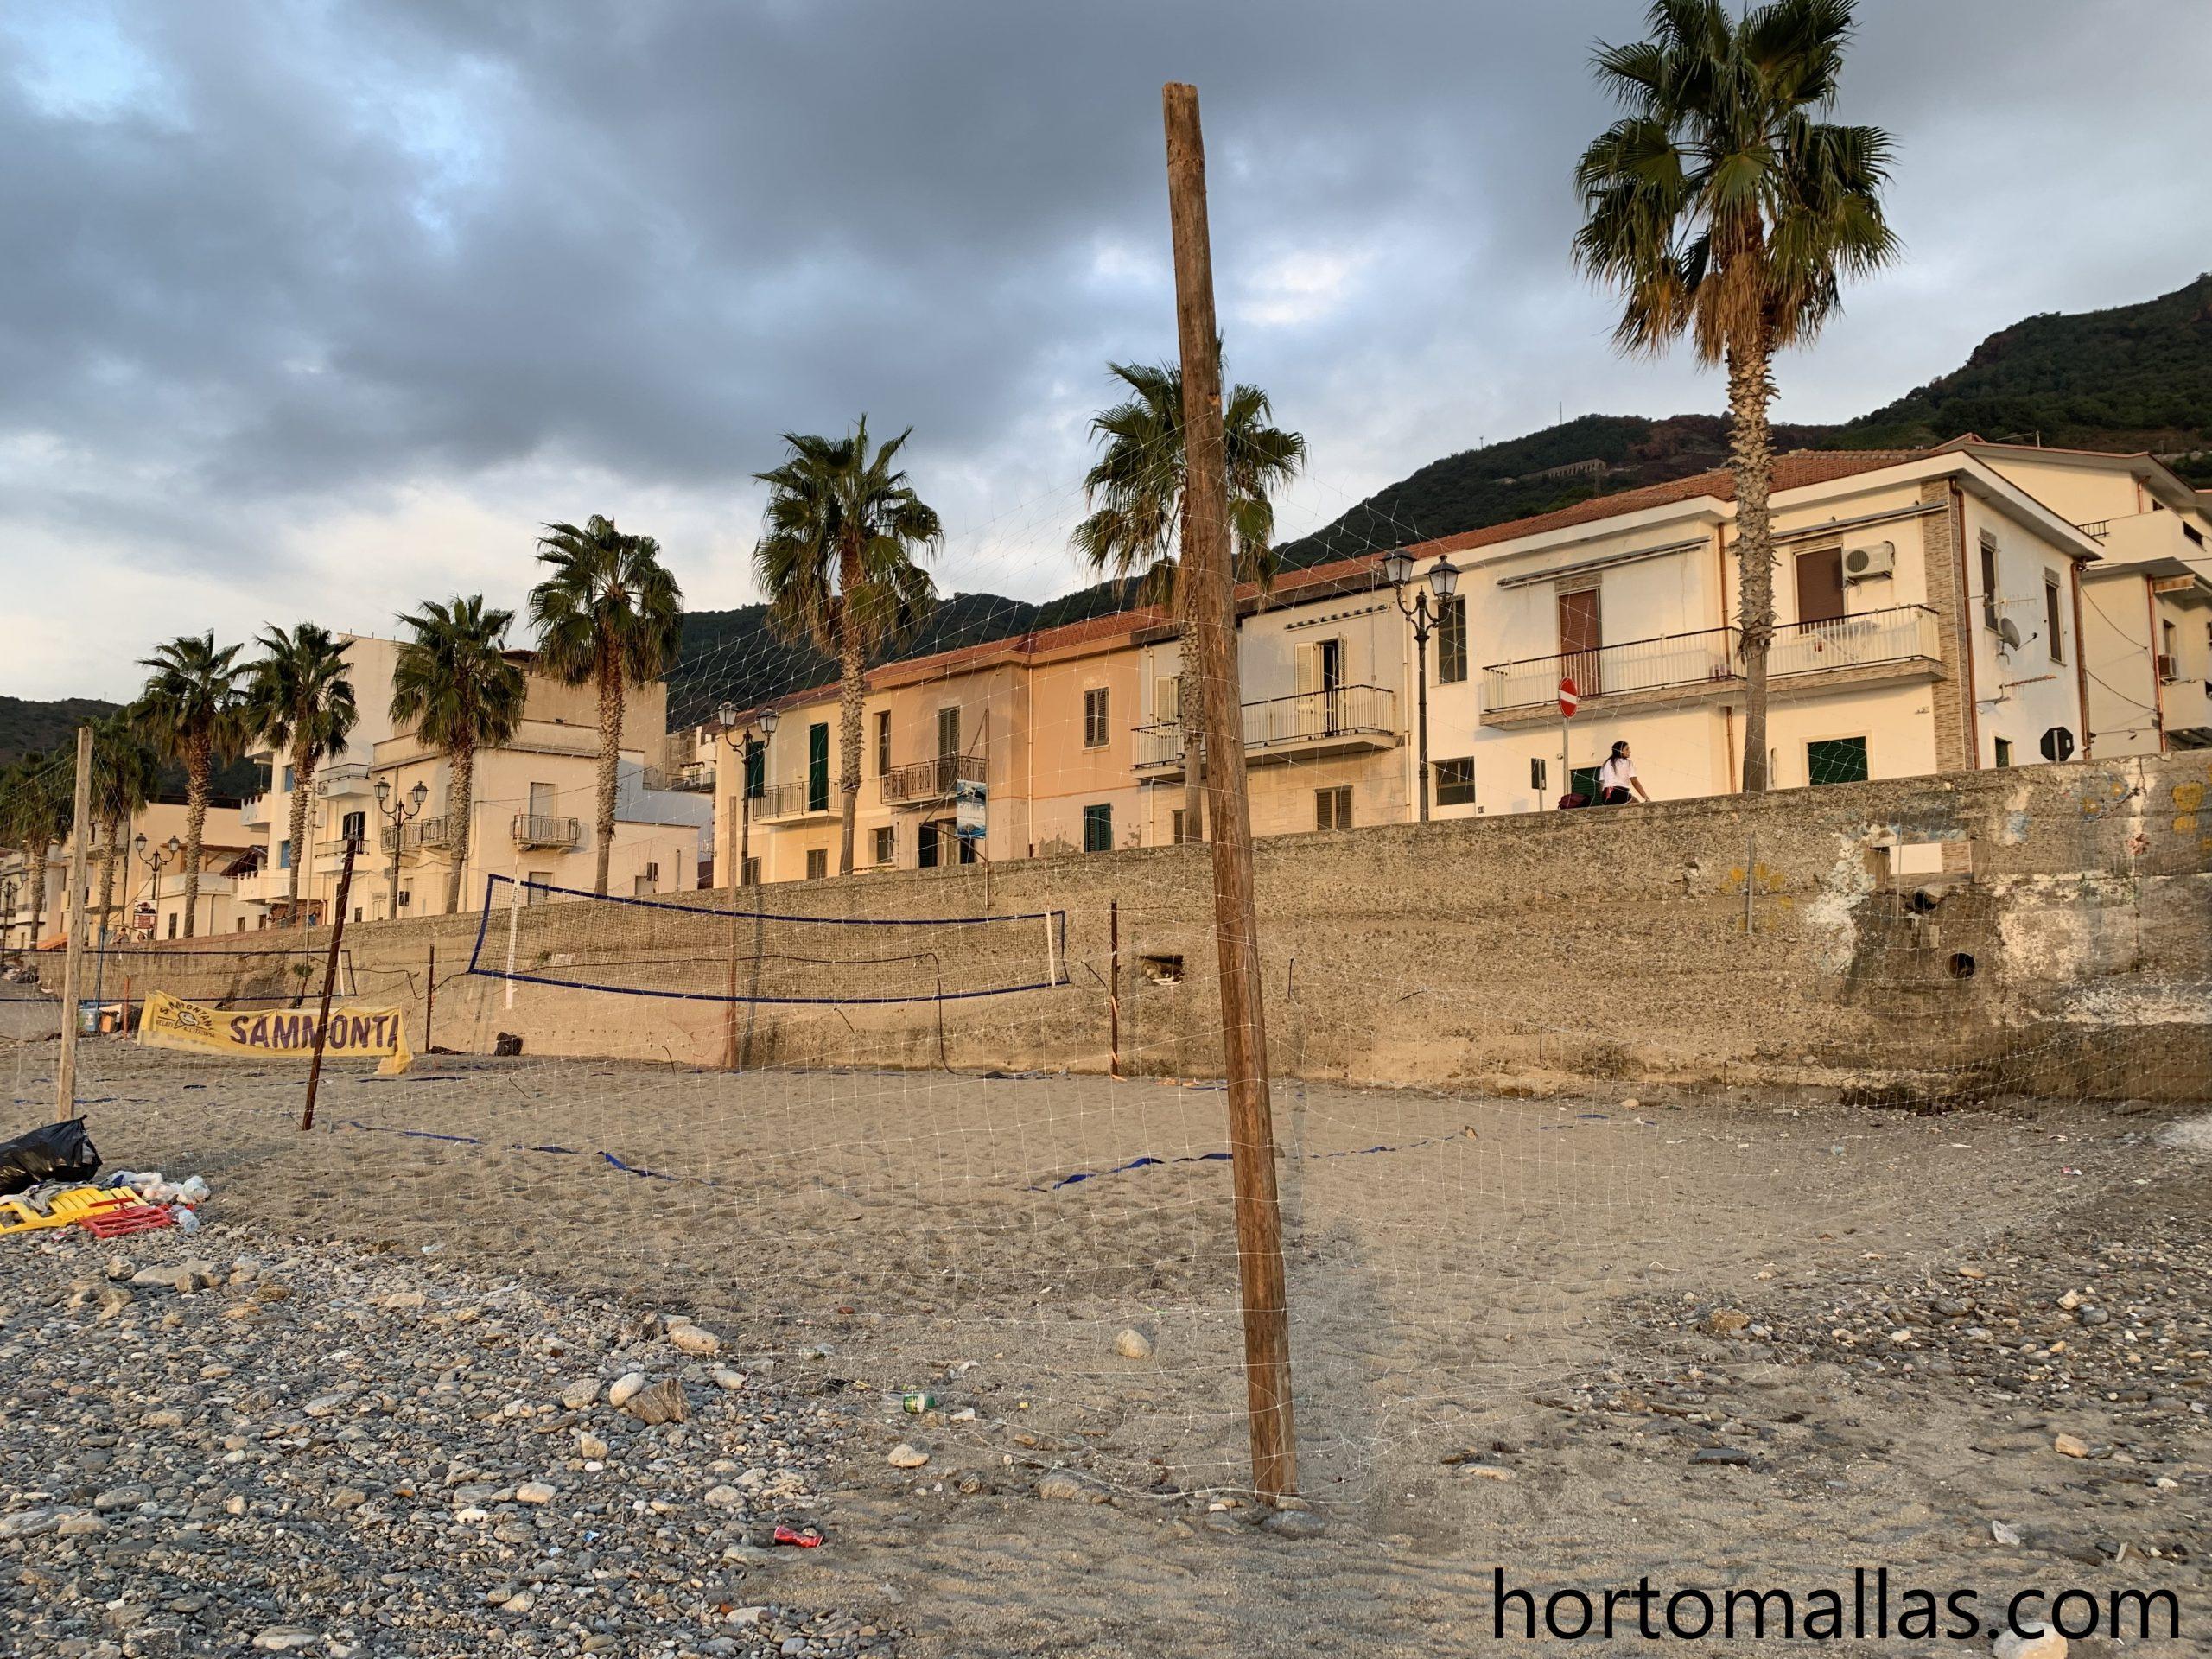 Redes Perimetrales para playa. Malla para canchas de voleibol.